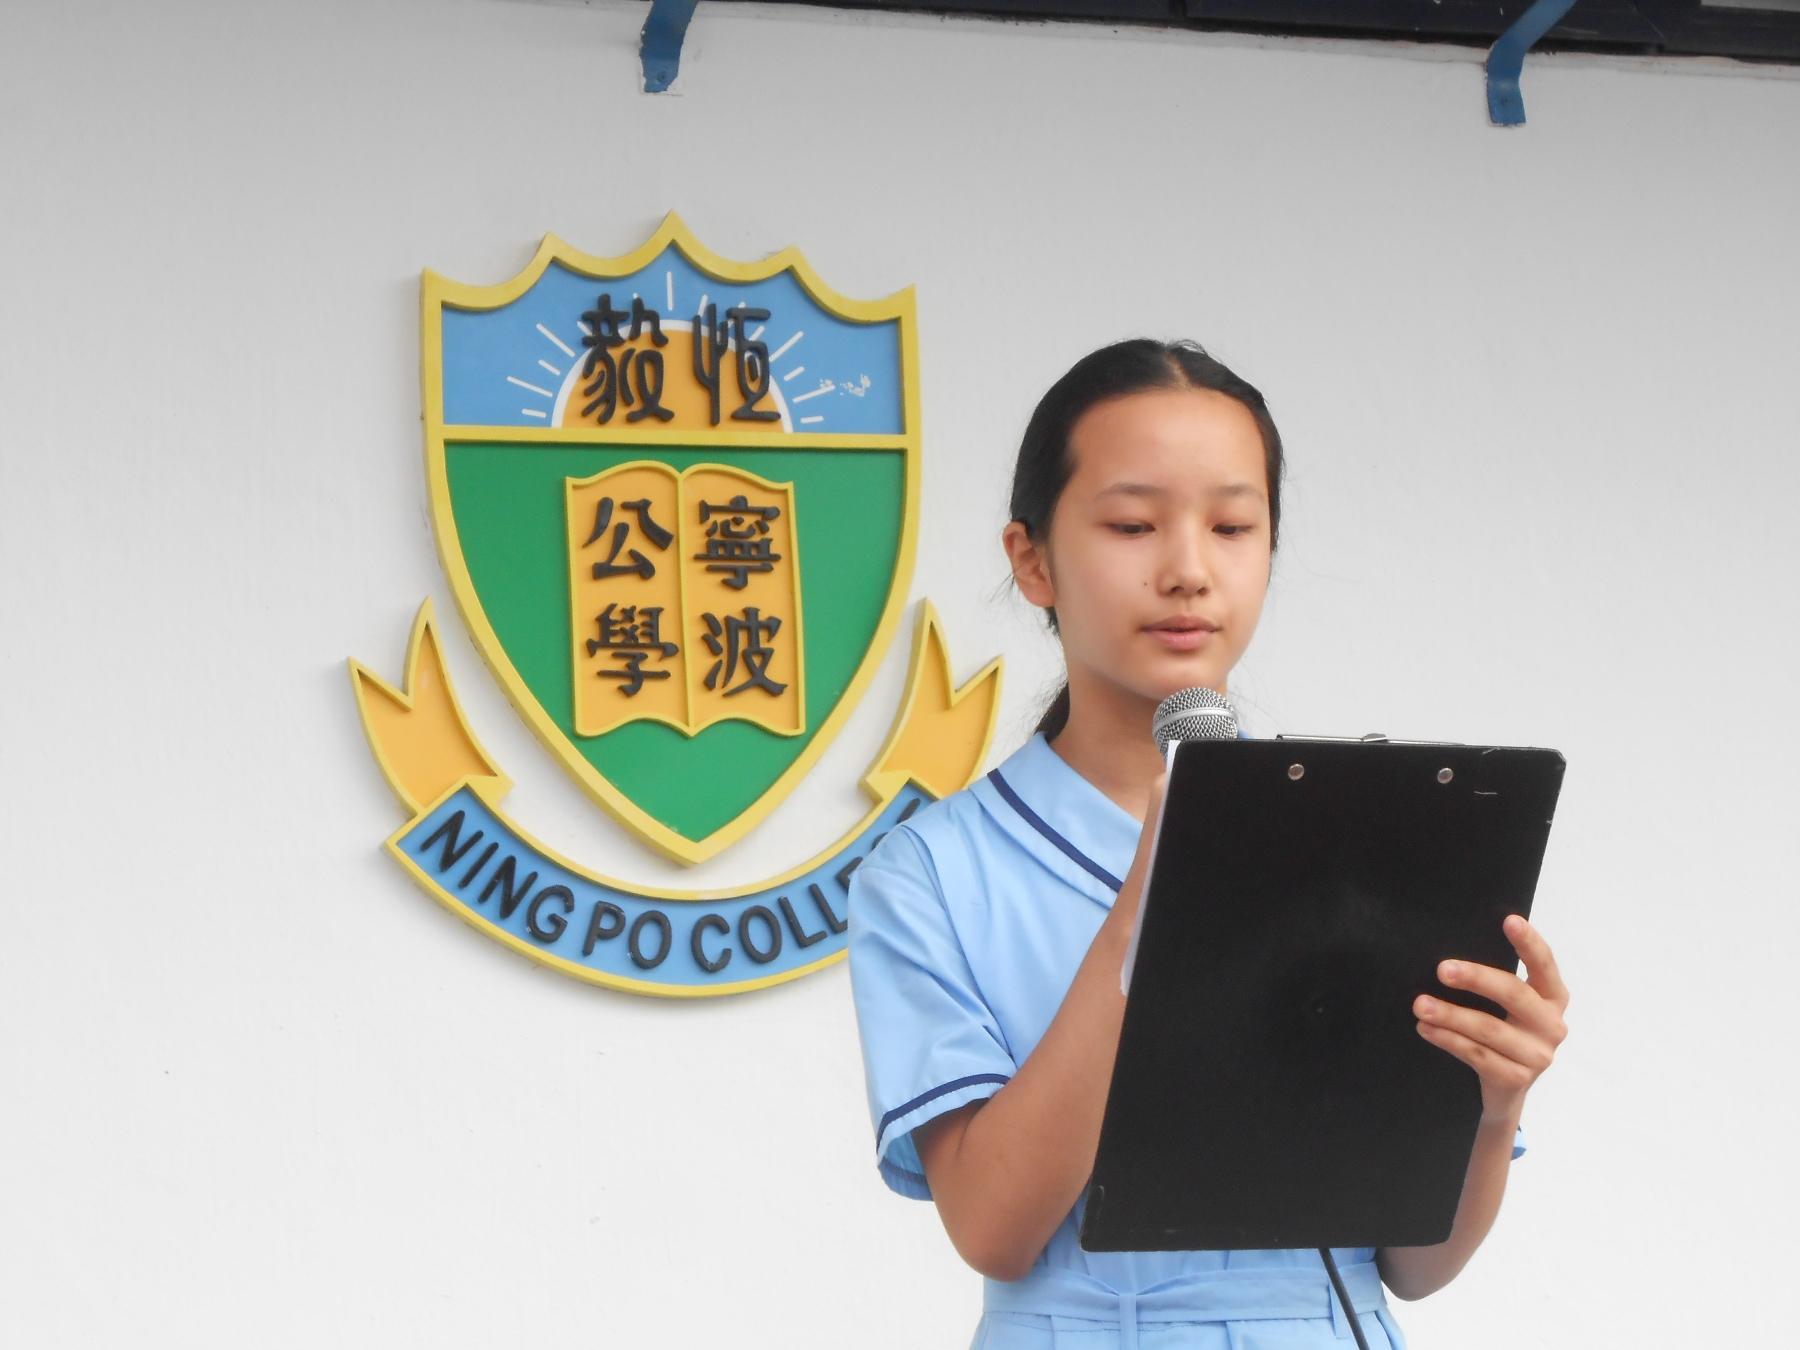 https://npc.edu.hk/sites/default/files/dscn2096.jpg